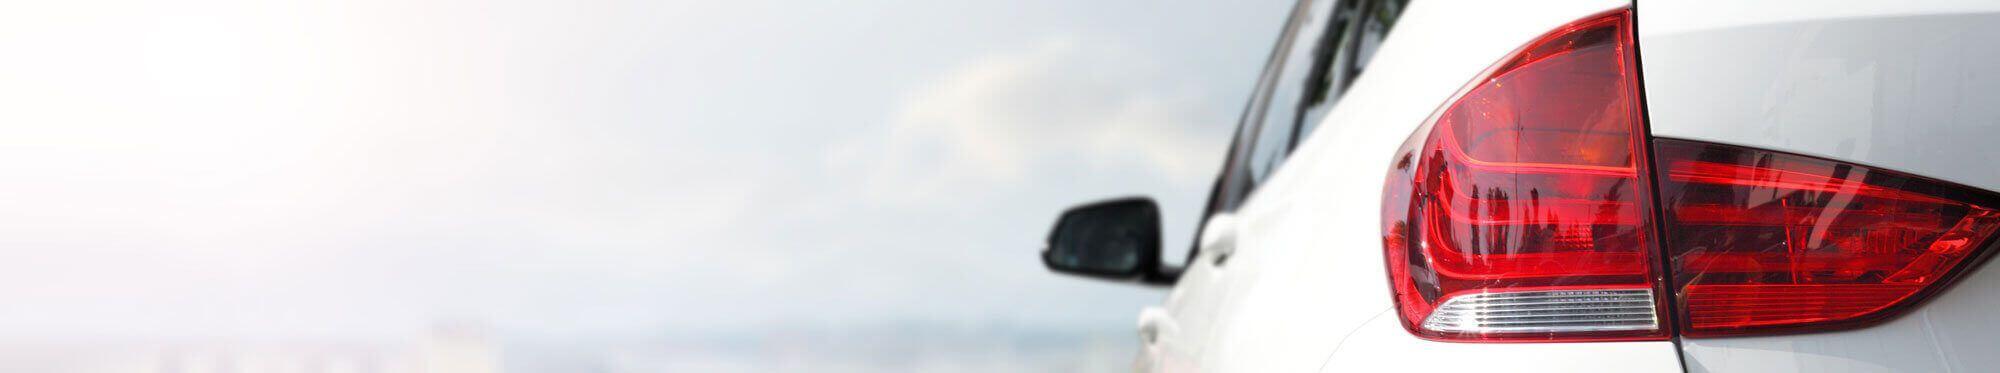 Leistungsoptimierung BMW